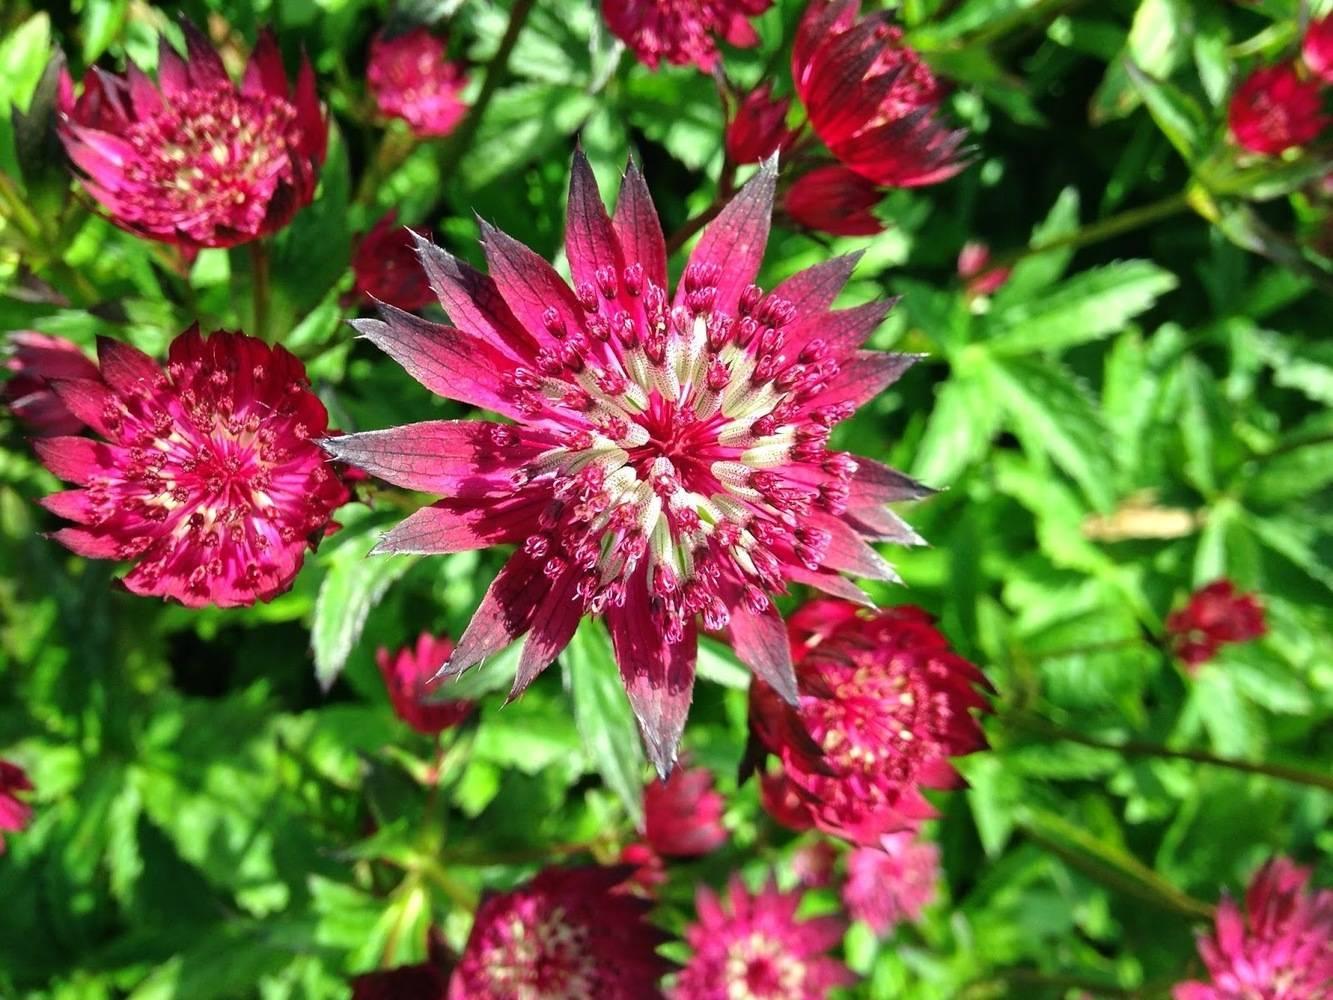 Астранция крупная (53 фото): посадка и уход в открытом грунте за травянистым растением astrantia major, сорта «розея» и «альба»